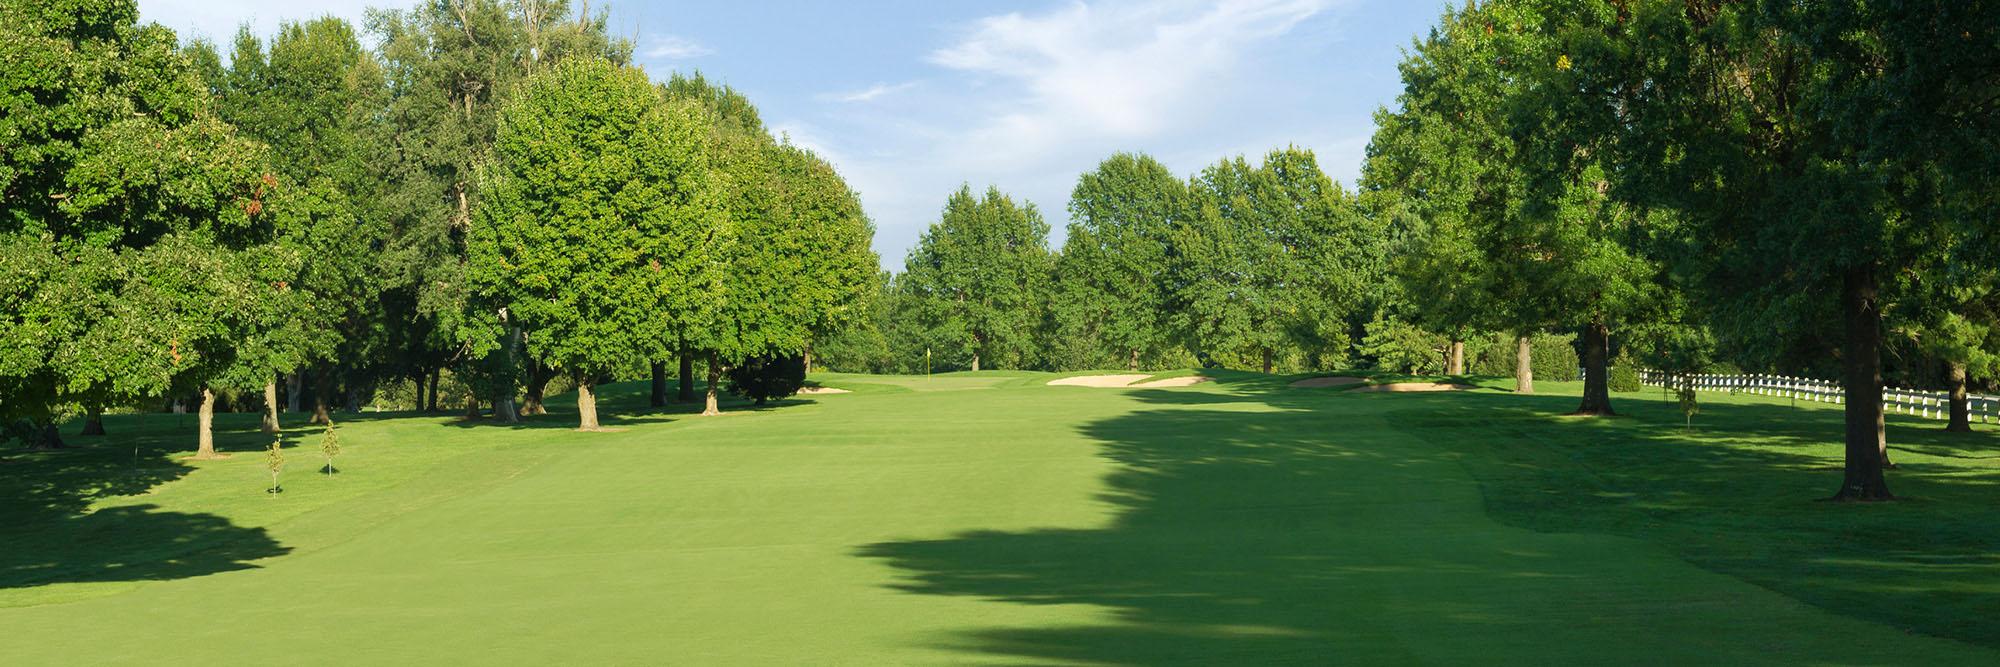 Golf Course Image - Hickory Hills No. 12